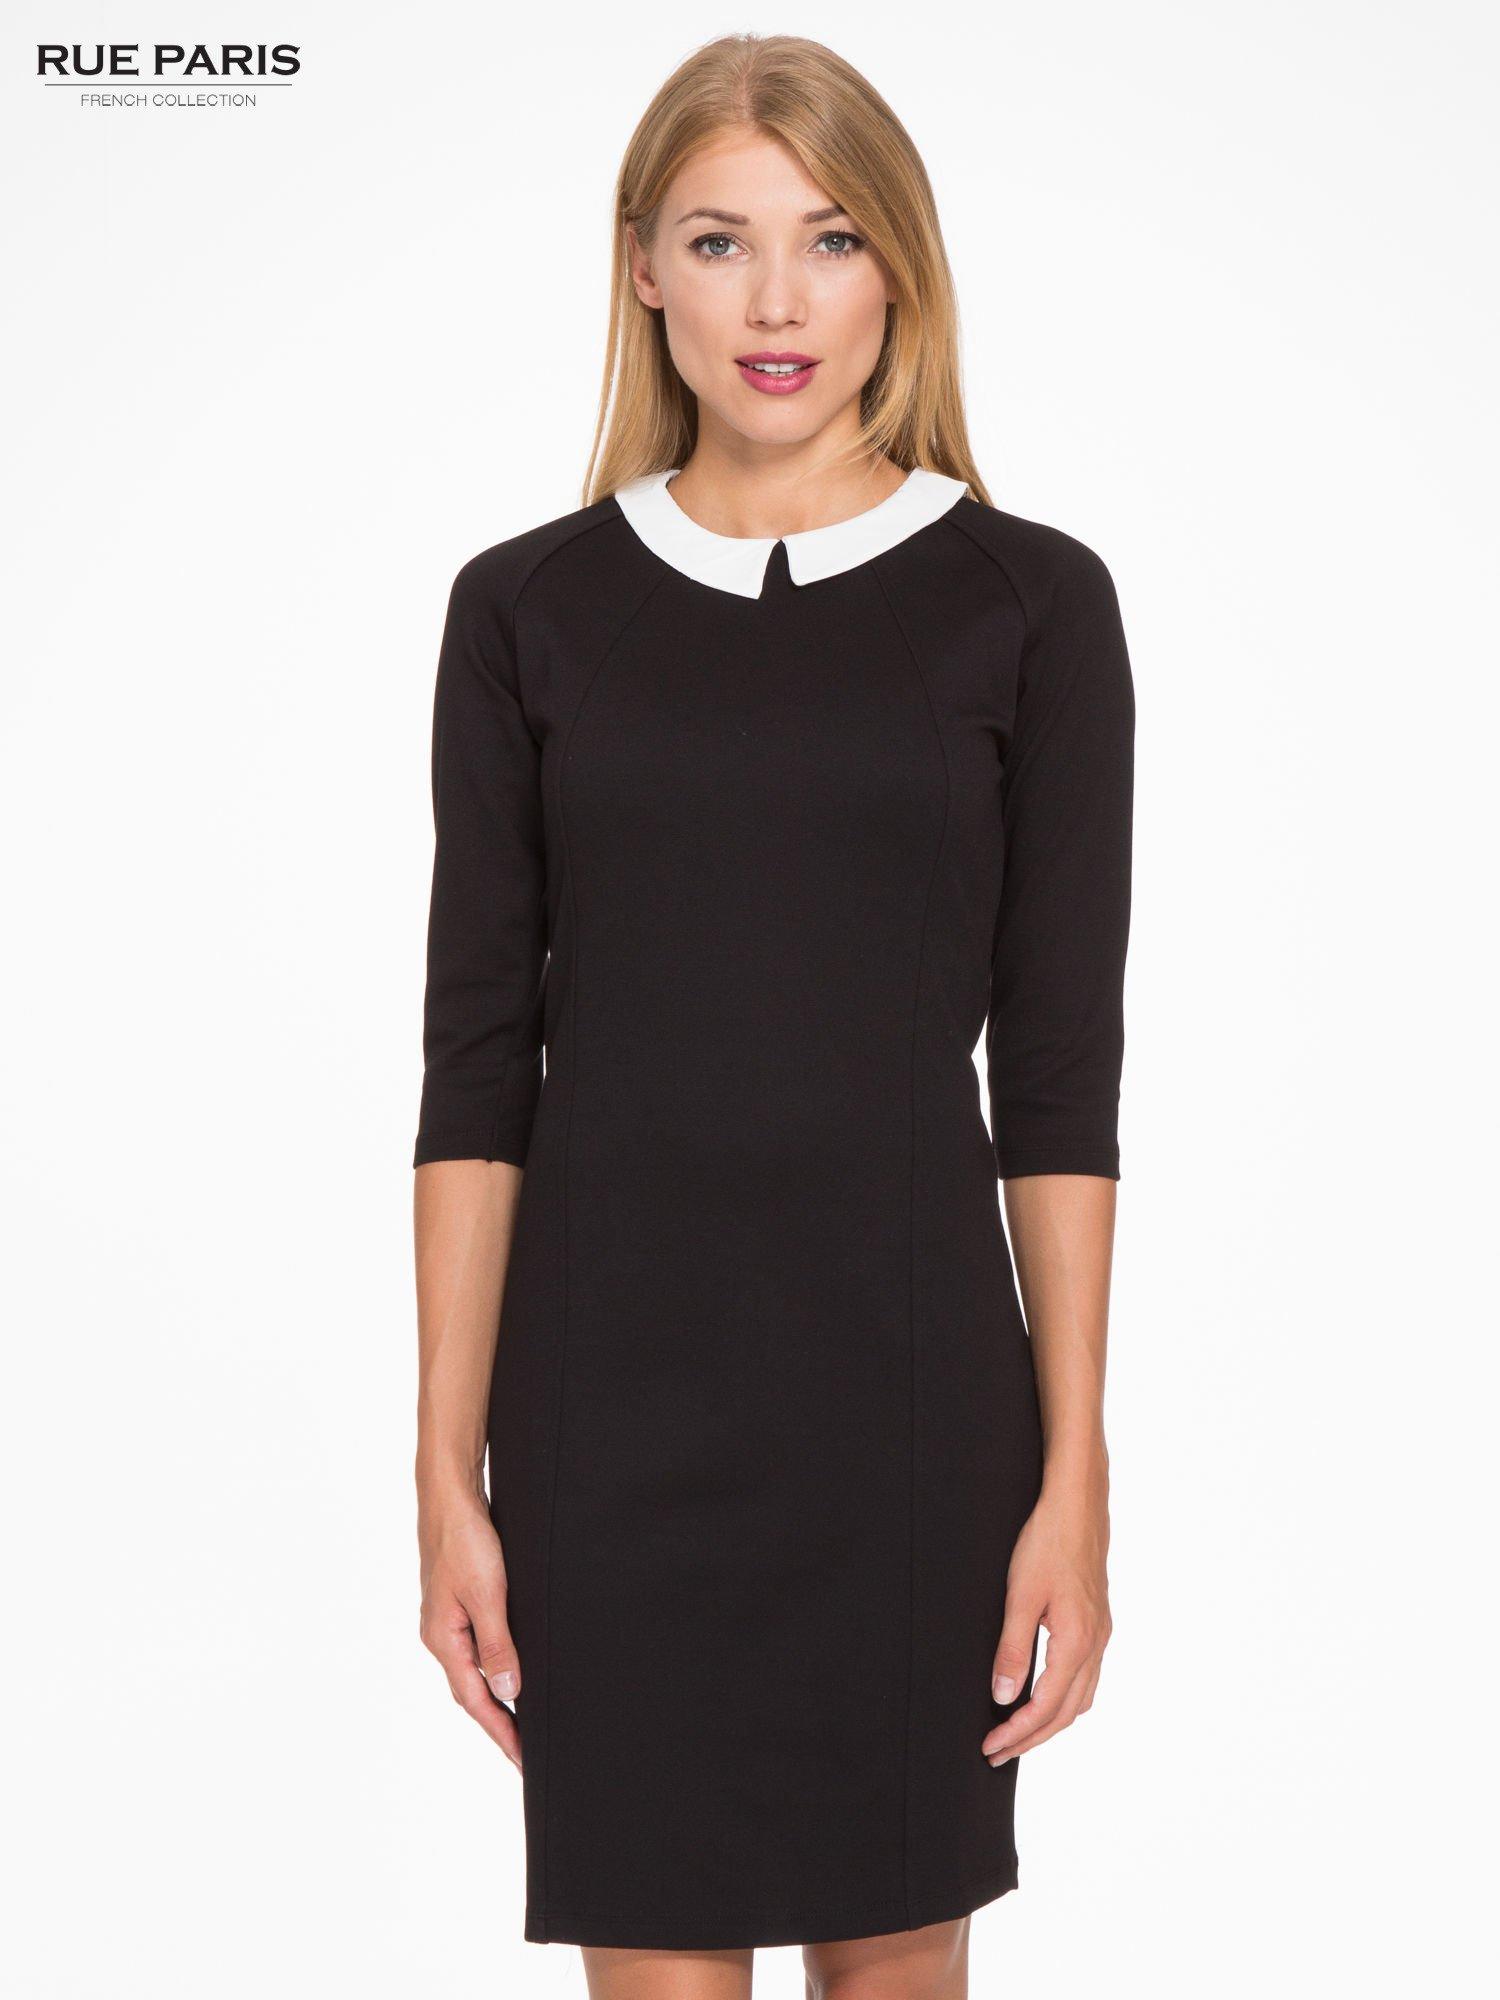 5716972f49 Czarna sukienka pensjonarka z białym kołnierzykiem - Sukienka na co dzień -  sklep eButik.pl